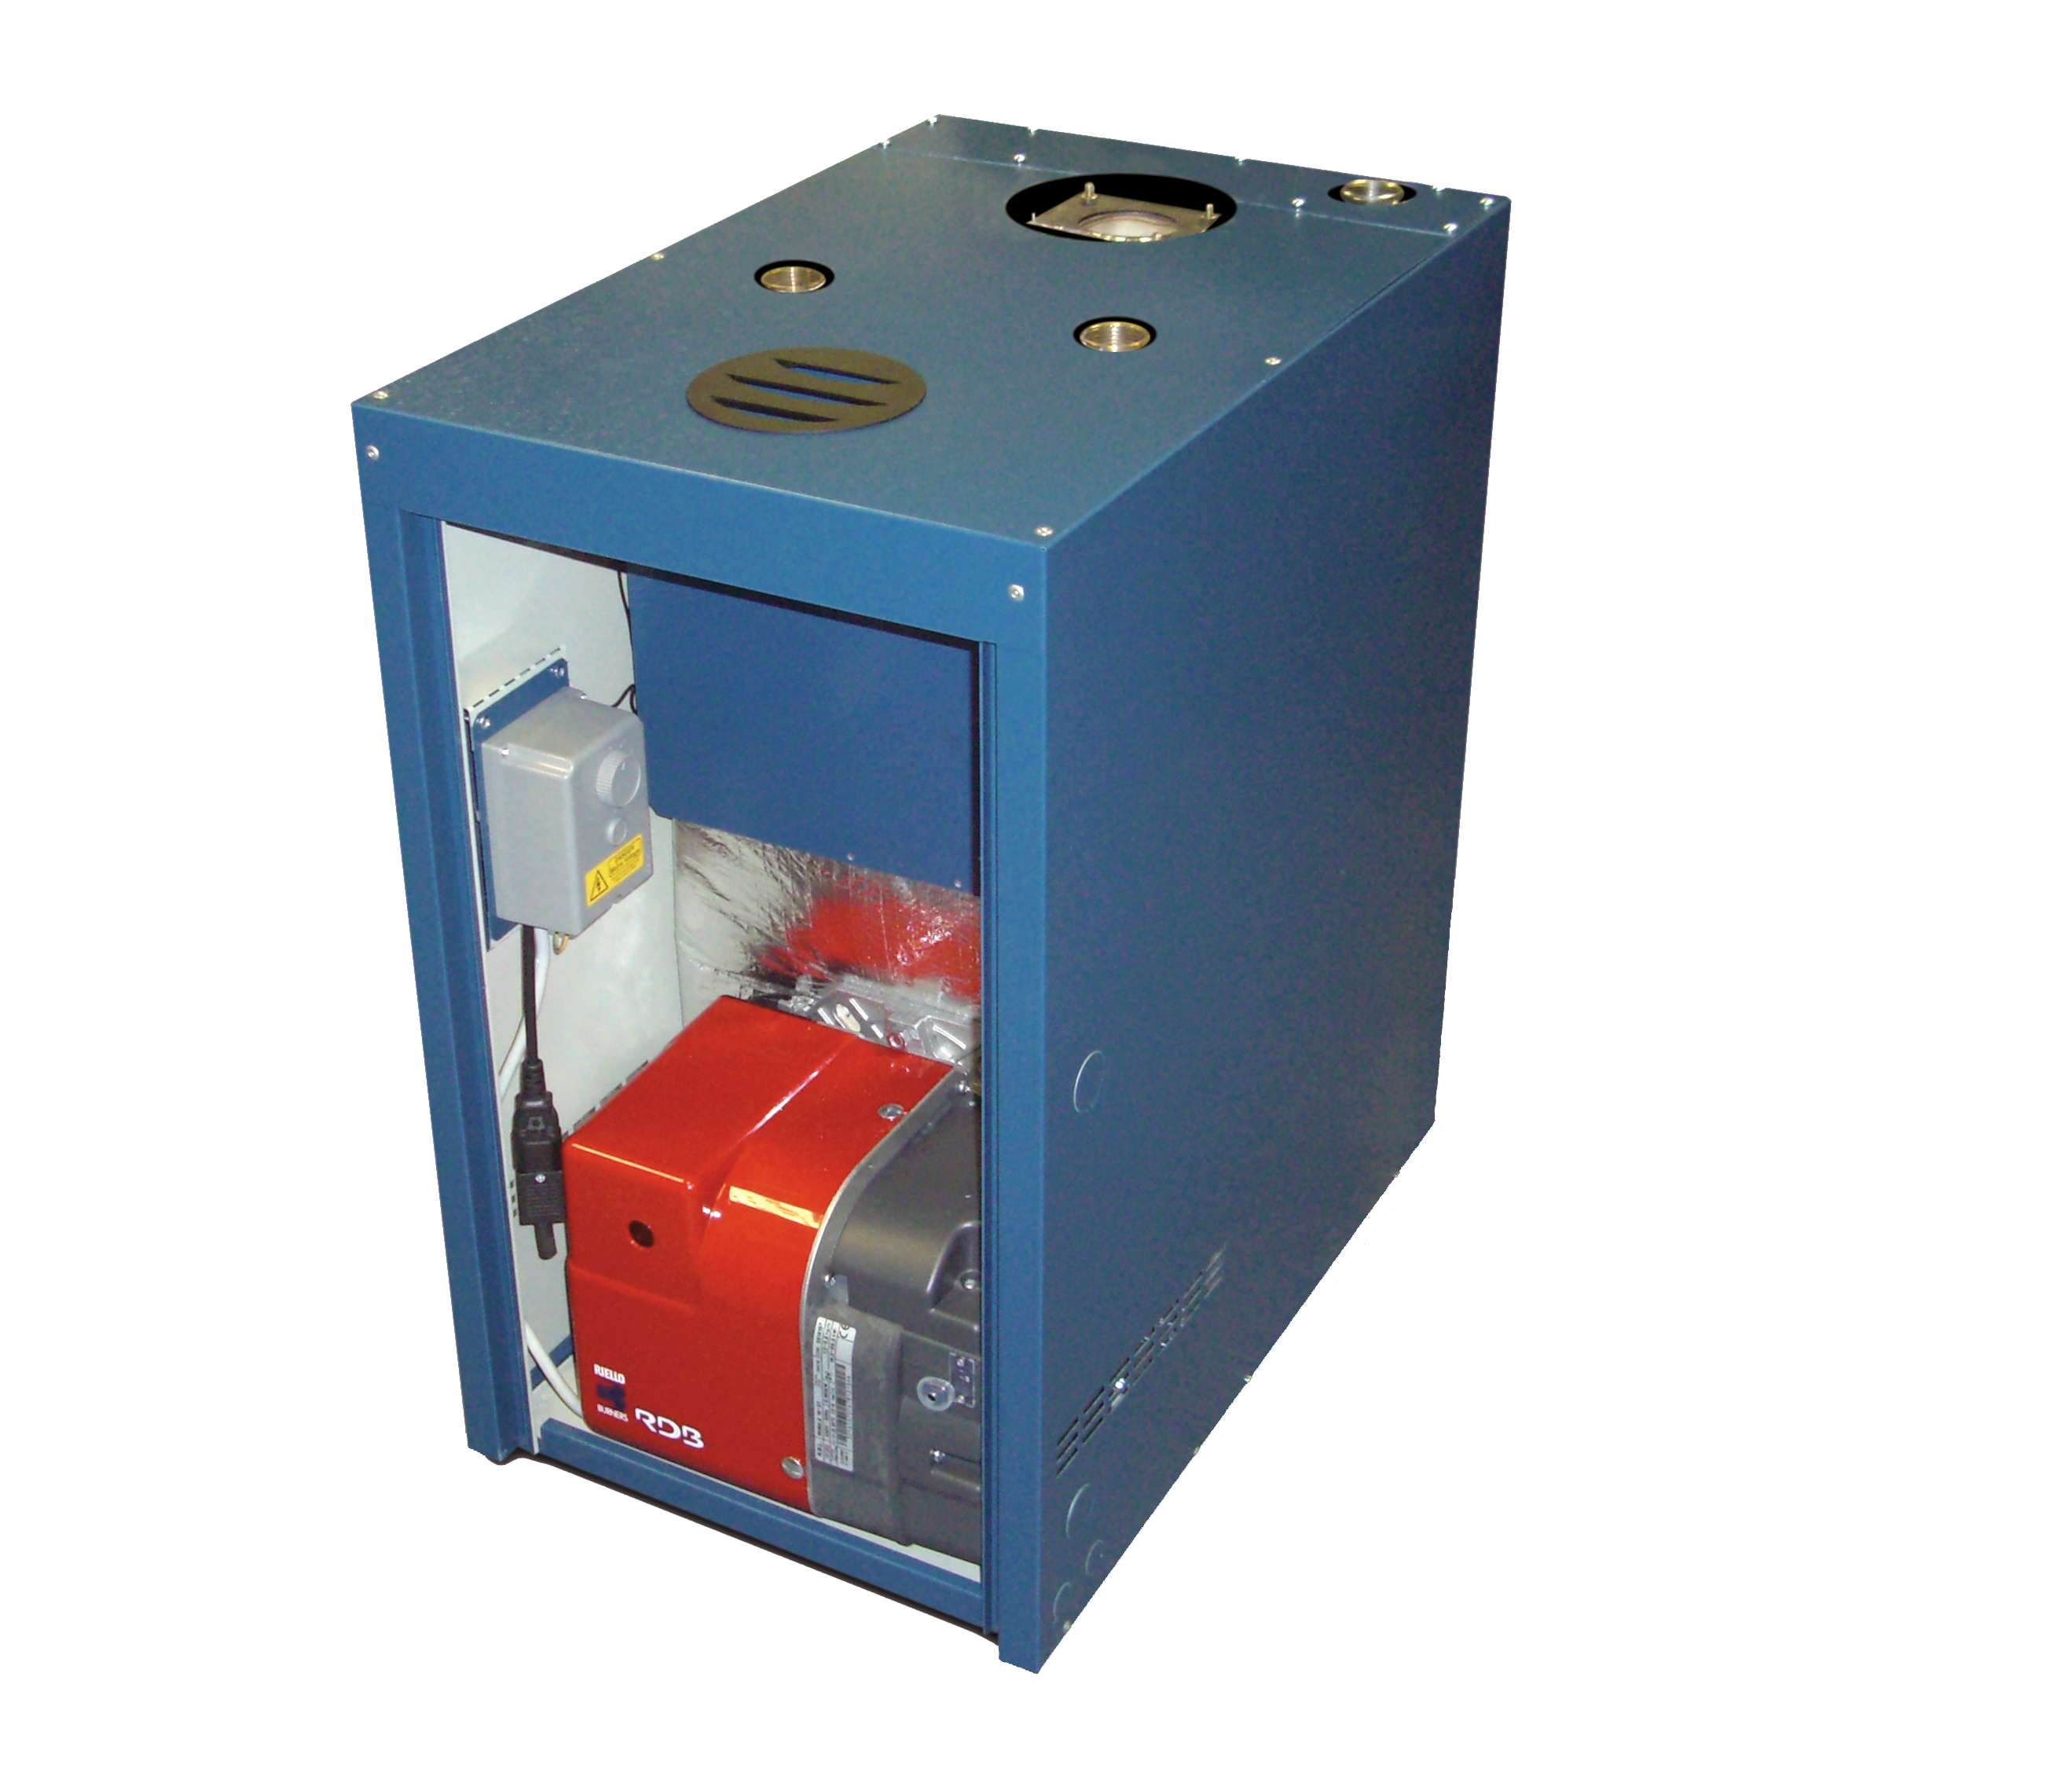 Oil Boiler: Replacement Oil Boiler